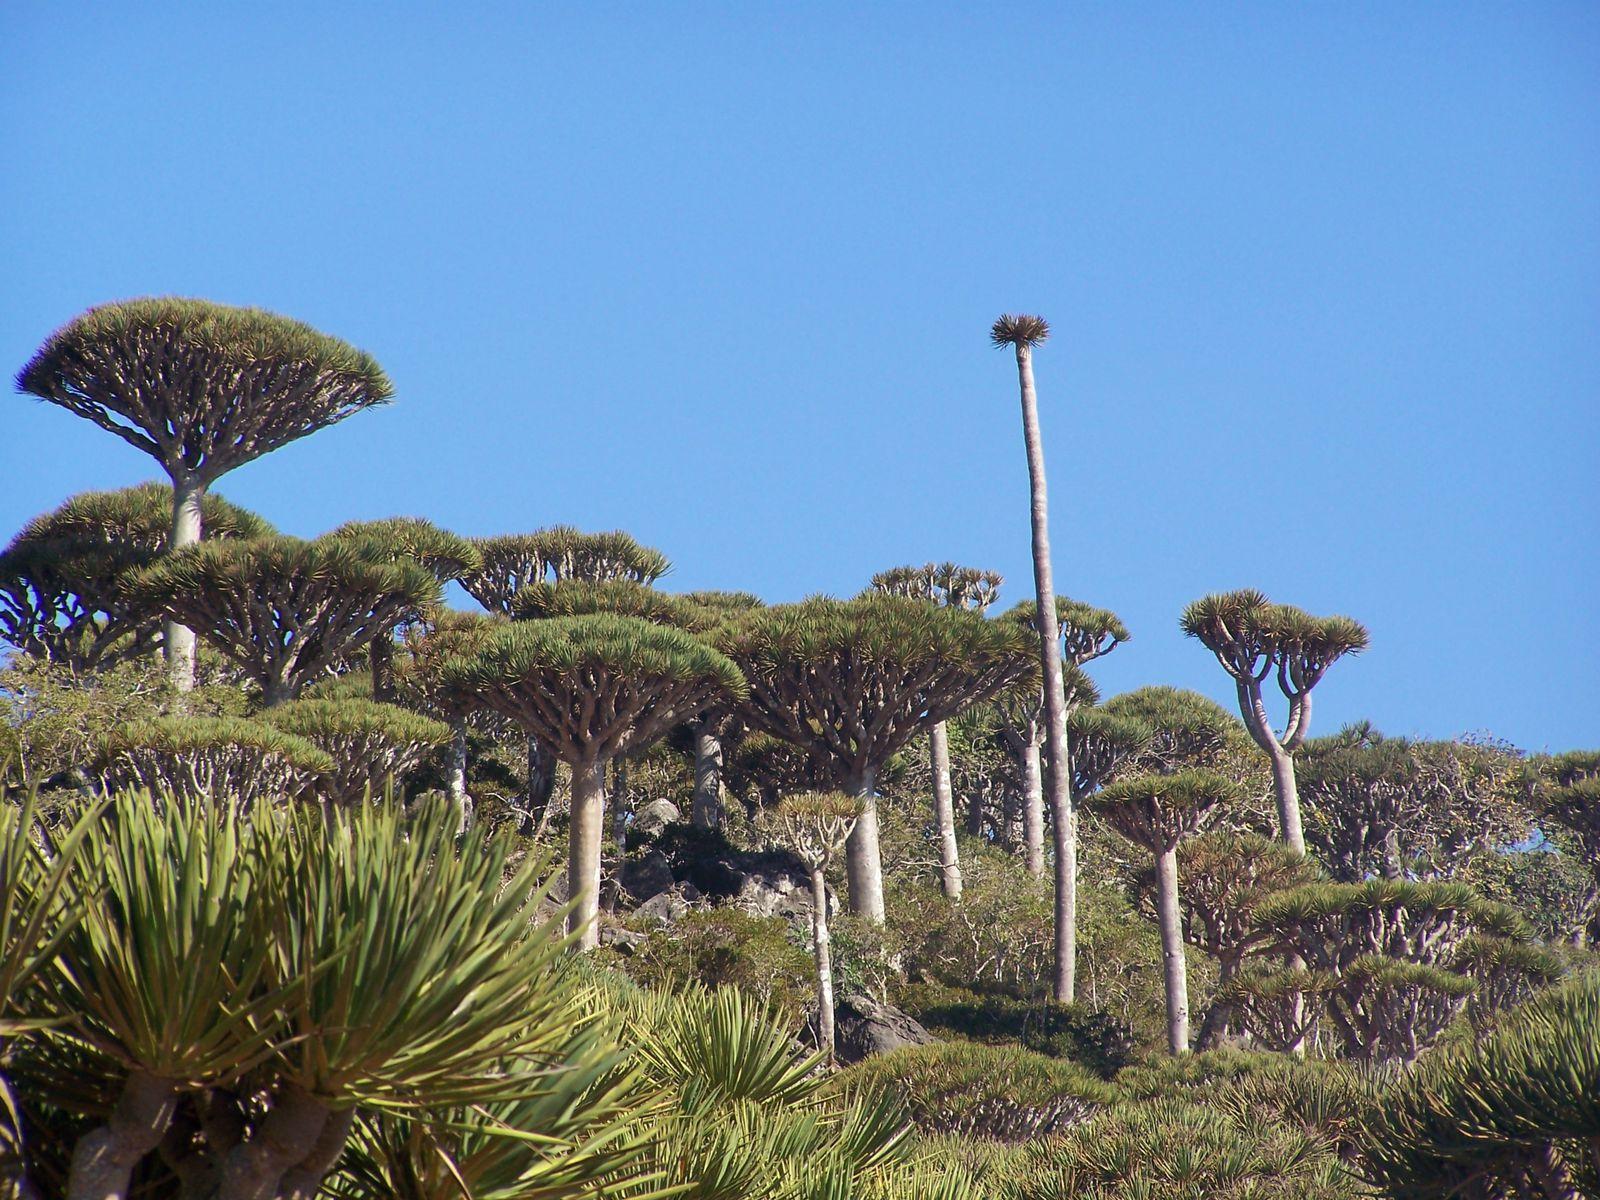 Forêt primaire sèche de Sang Dragon, l'arbre mythique et emblématique de Socotra.